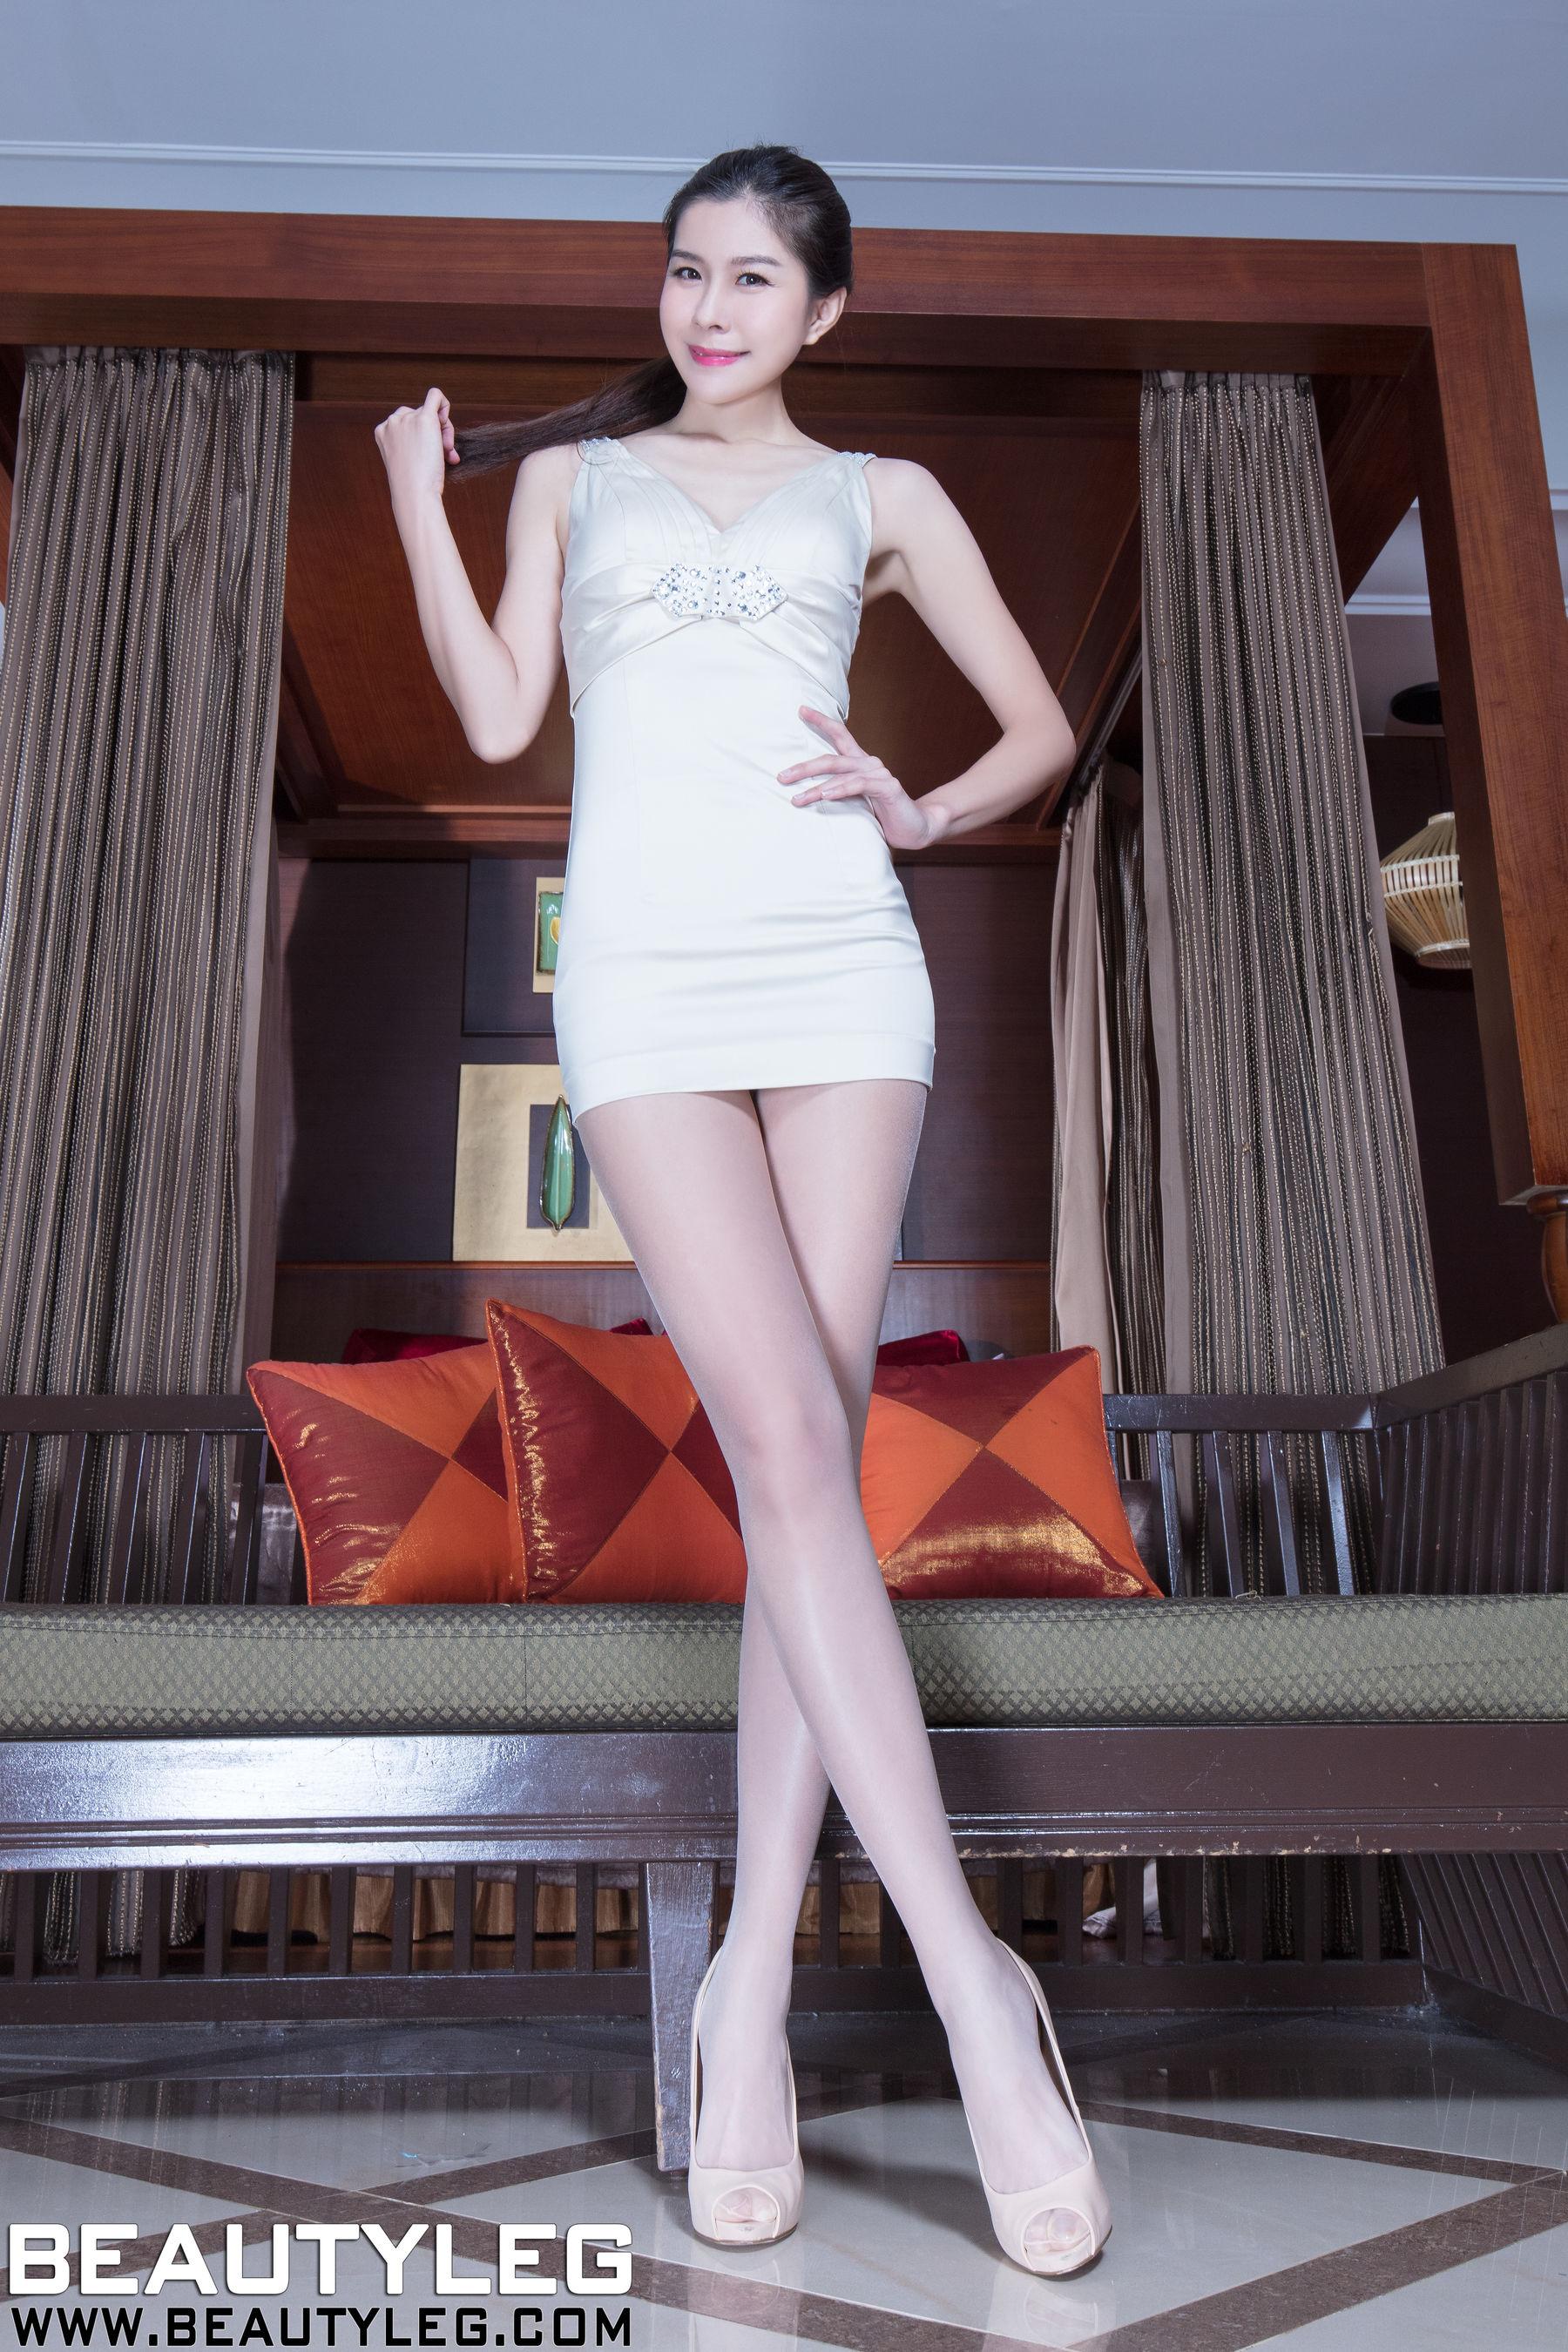 VOL.1766 [Beautyleg]丝袜美女美腿高跟长腿美女:腿模Sarah高品质写真套图(44P)